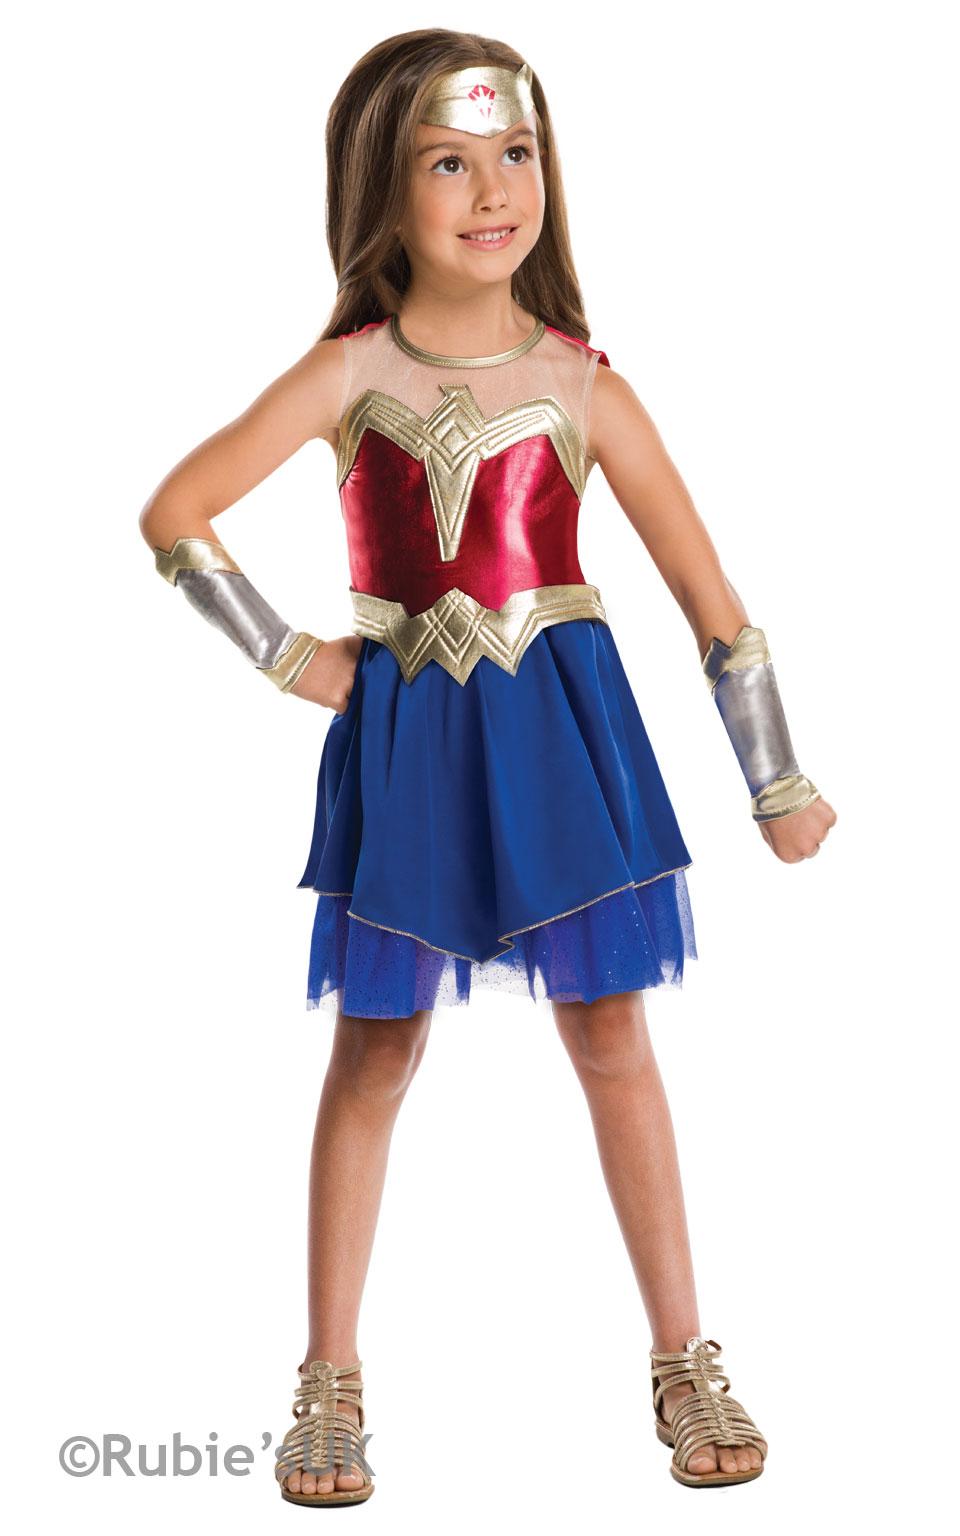 Fullsize Of Superhero Costumes For Girls